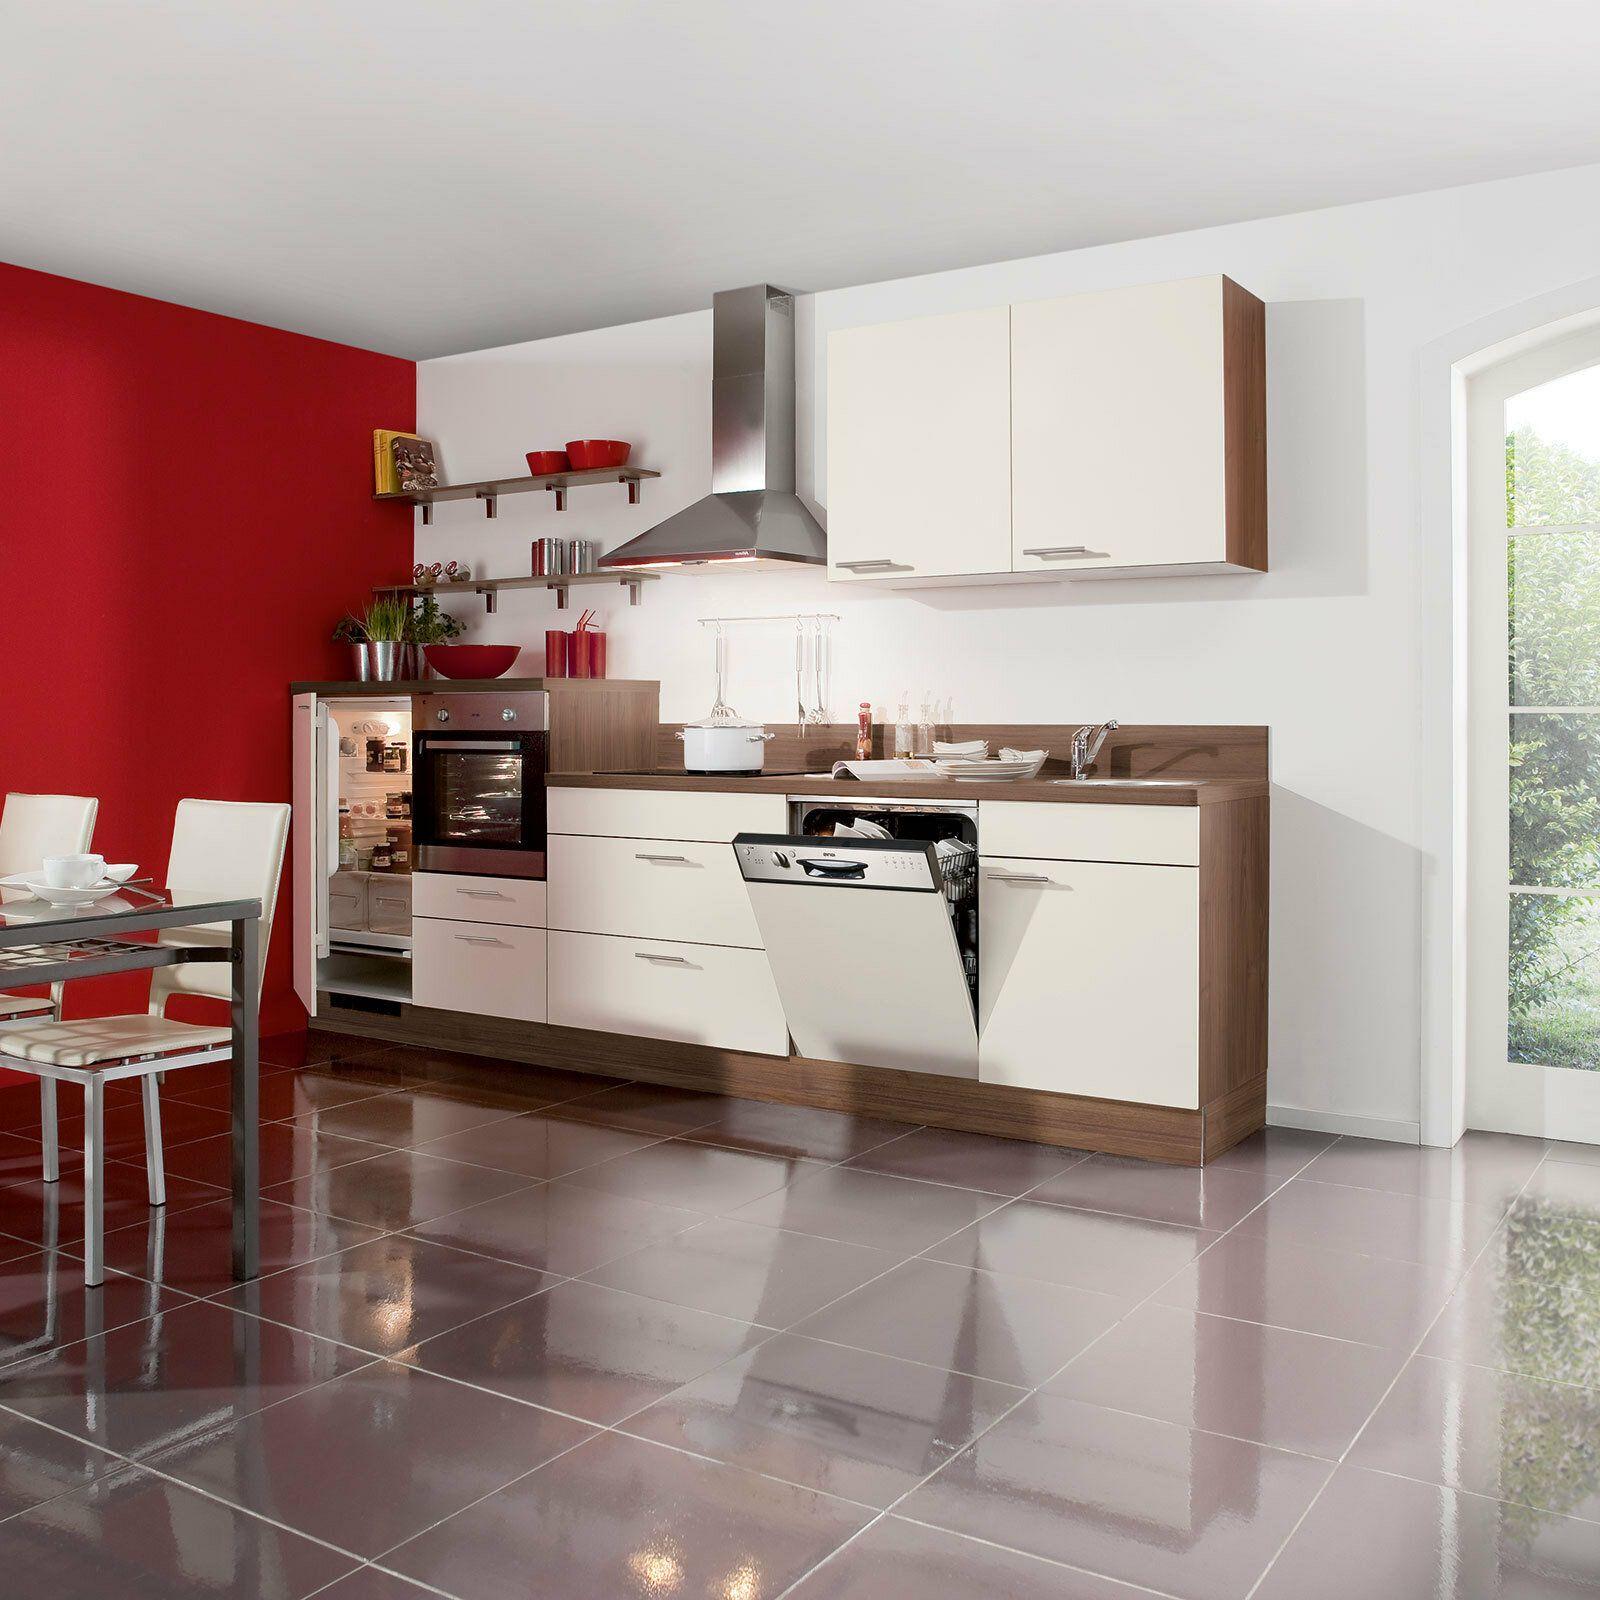 Pin von Doreen auf Kücheneinrichtung in 2020 Küche block